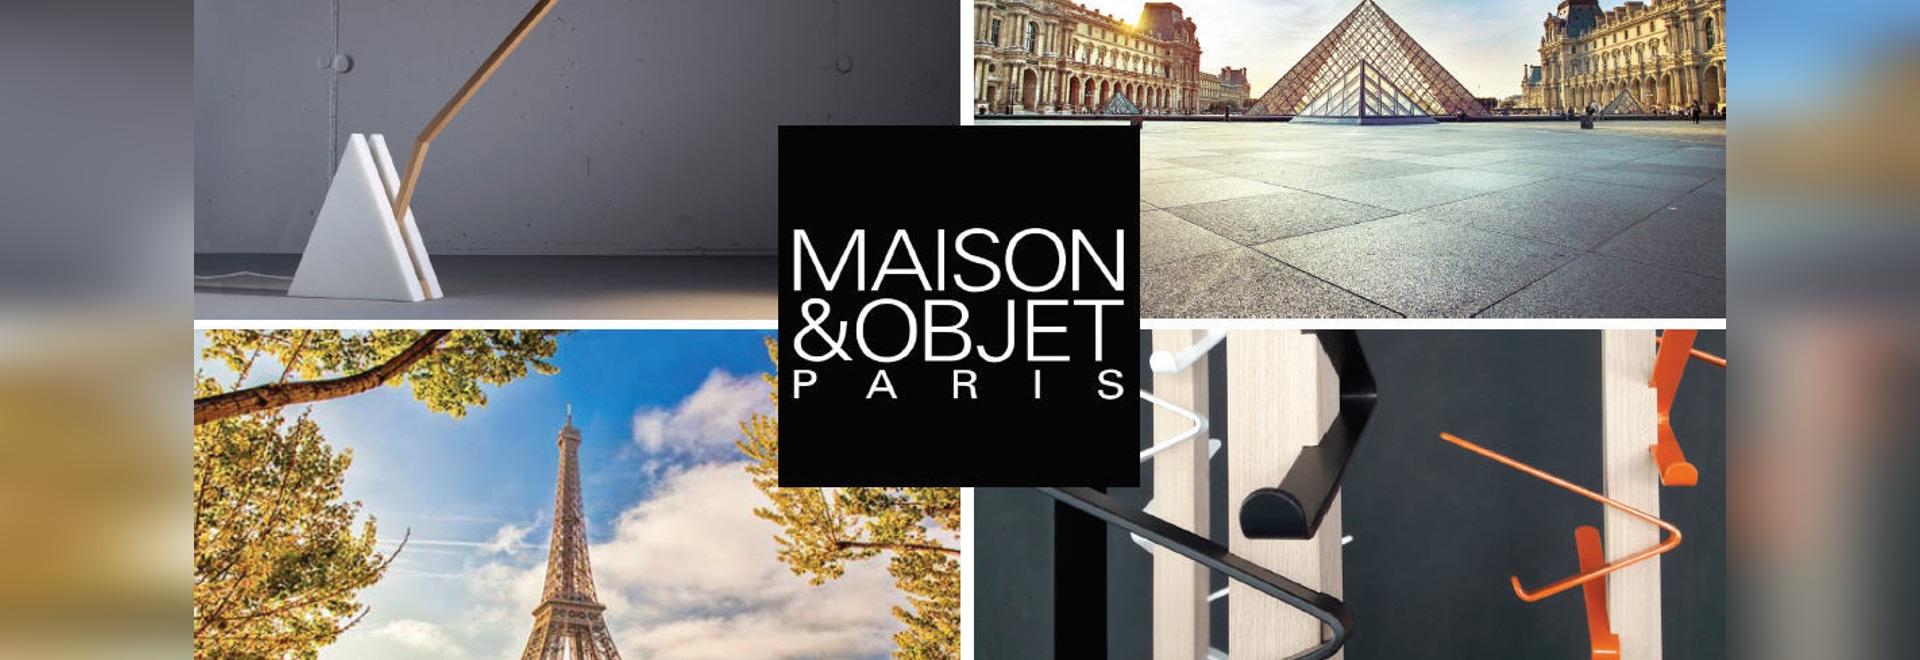 Come visit us at Maison & Objet Paris!